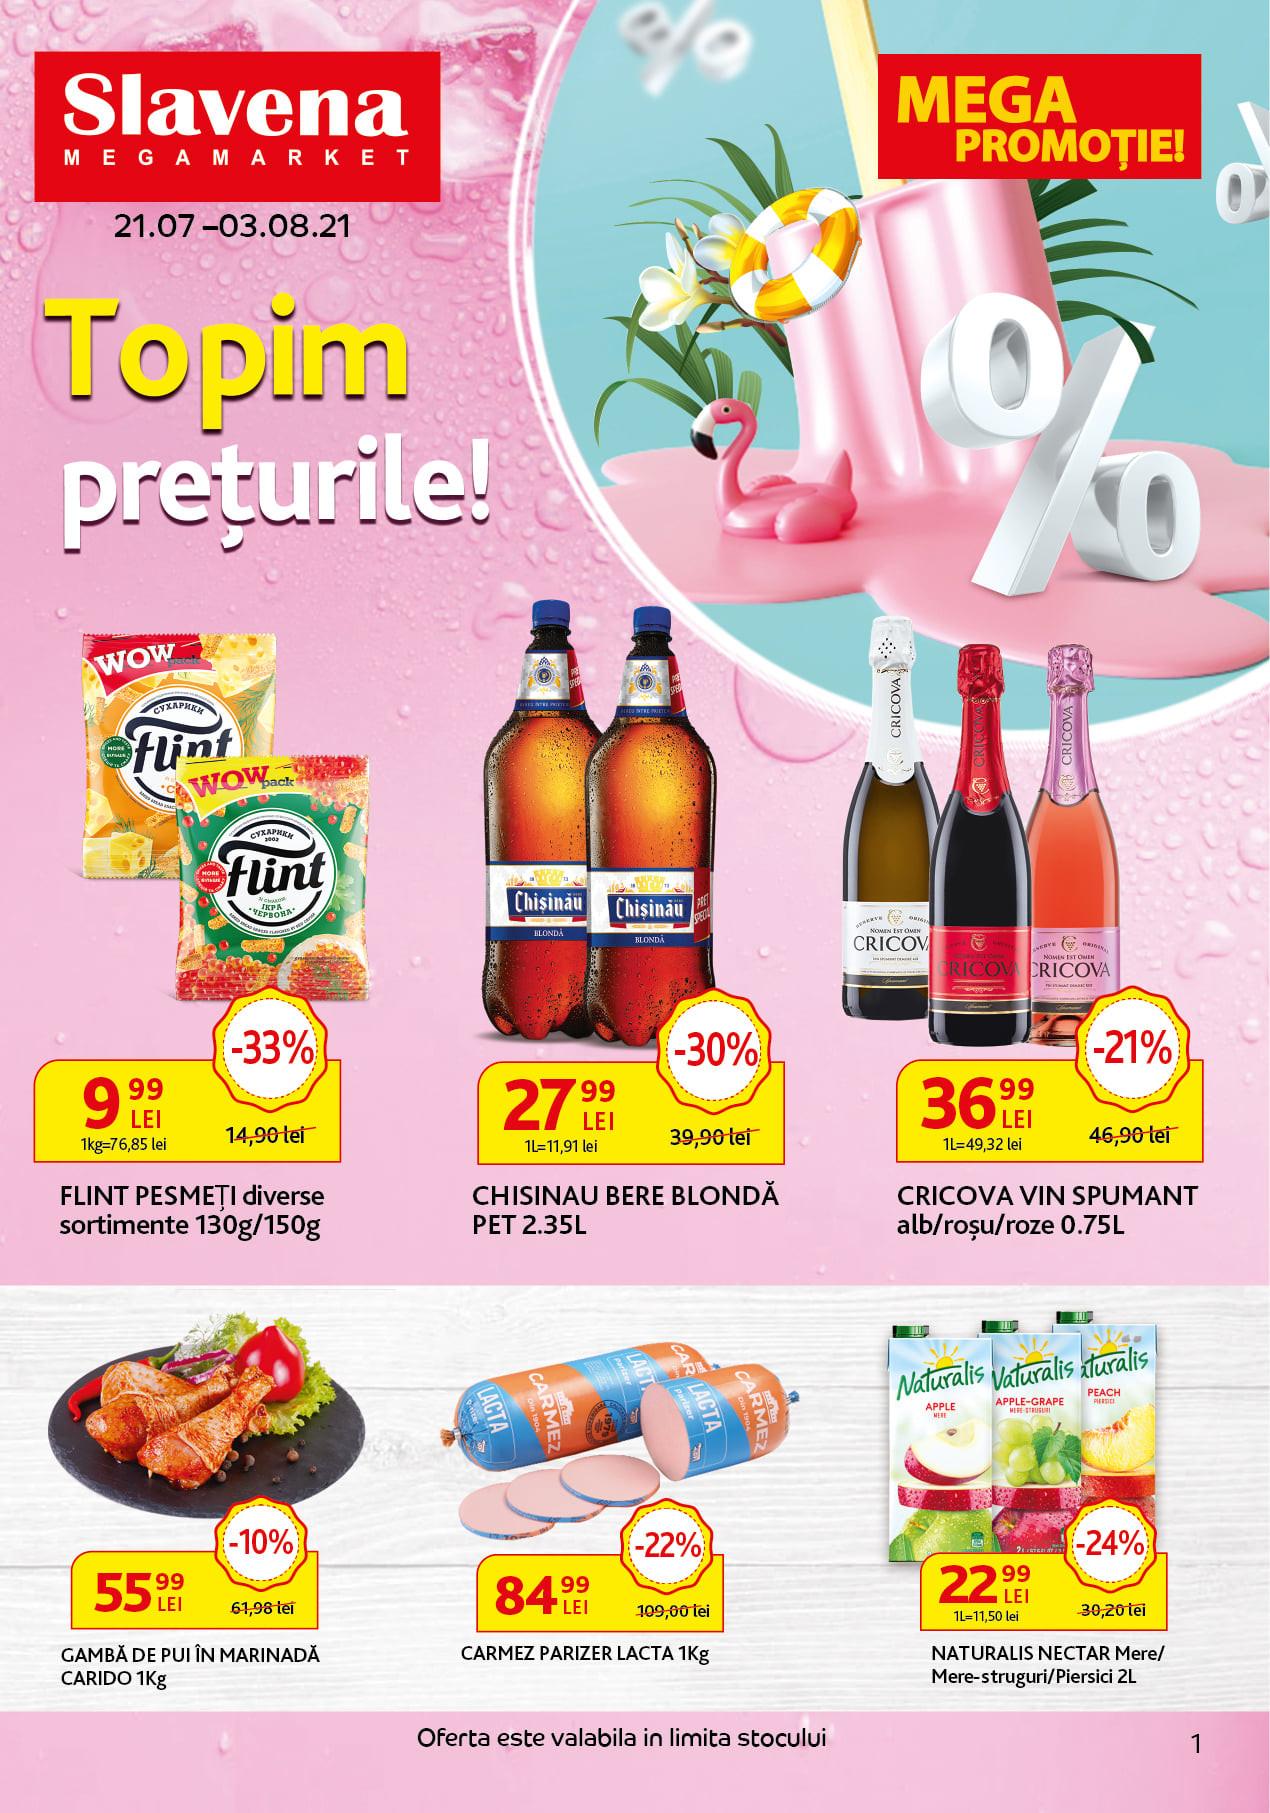 Slavena - Topim prețurile